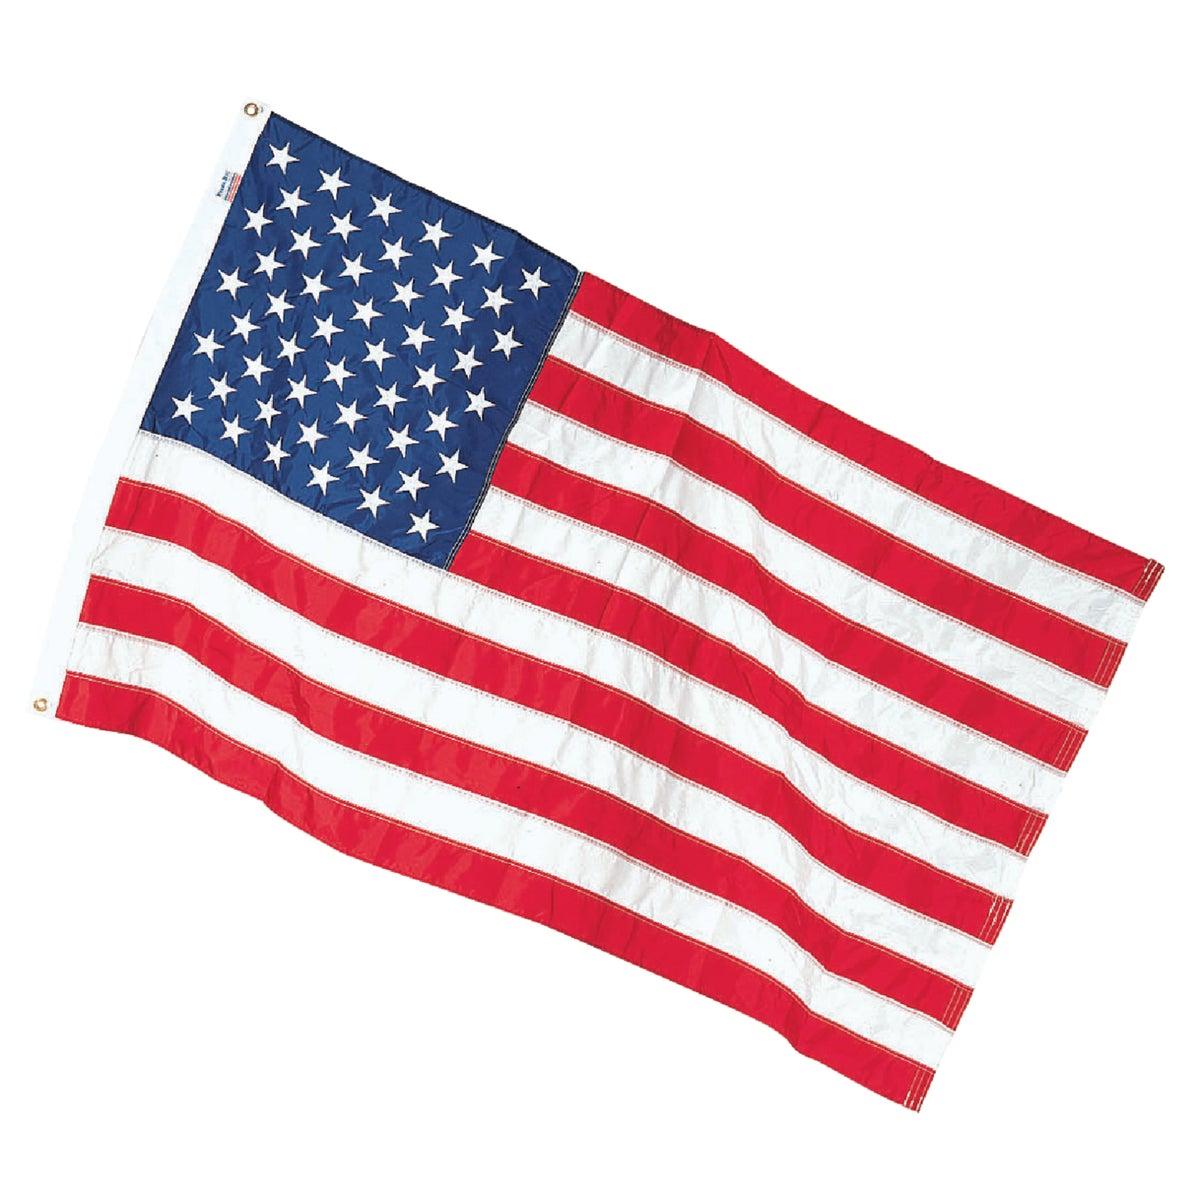 3X5 NYLON FLAG